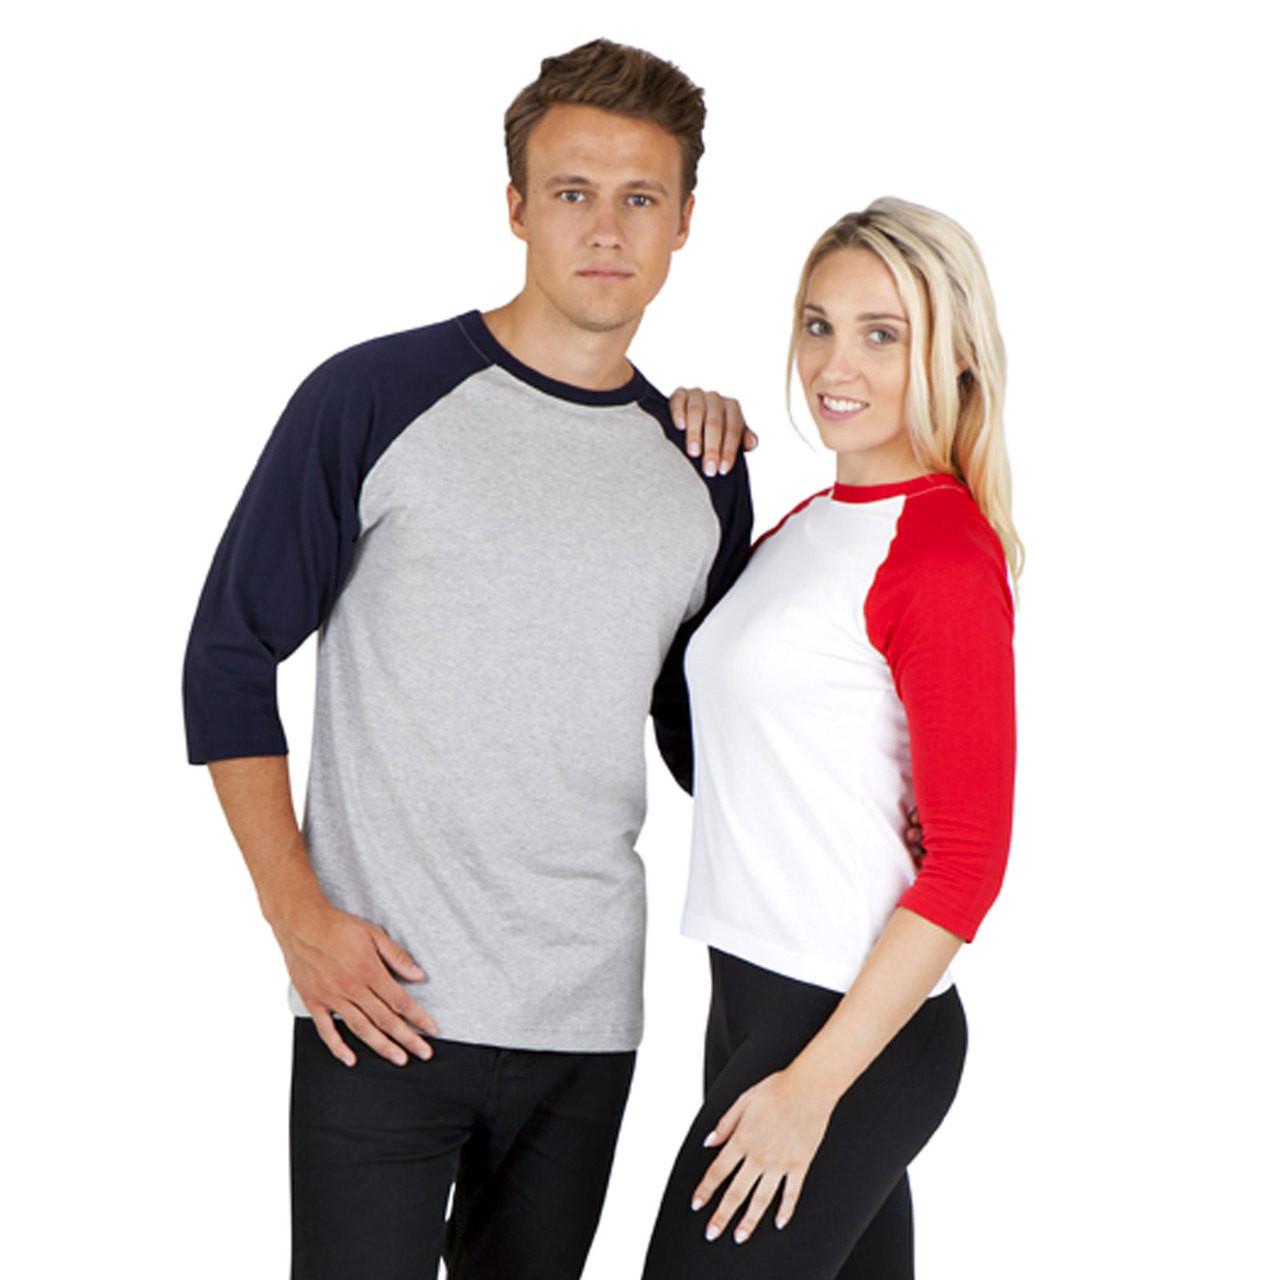 a54e80539 women's baseball t-shirts 3/4 sleeves | Plain T Shirts | Wholesale T Shirts  | Plus Size T-Shirts